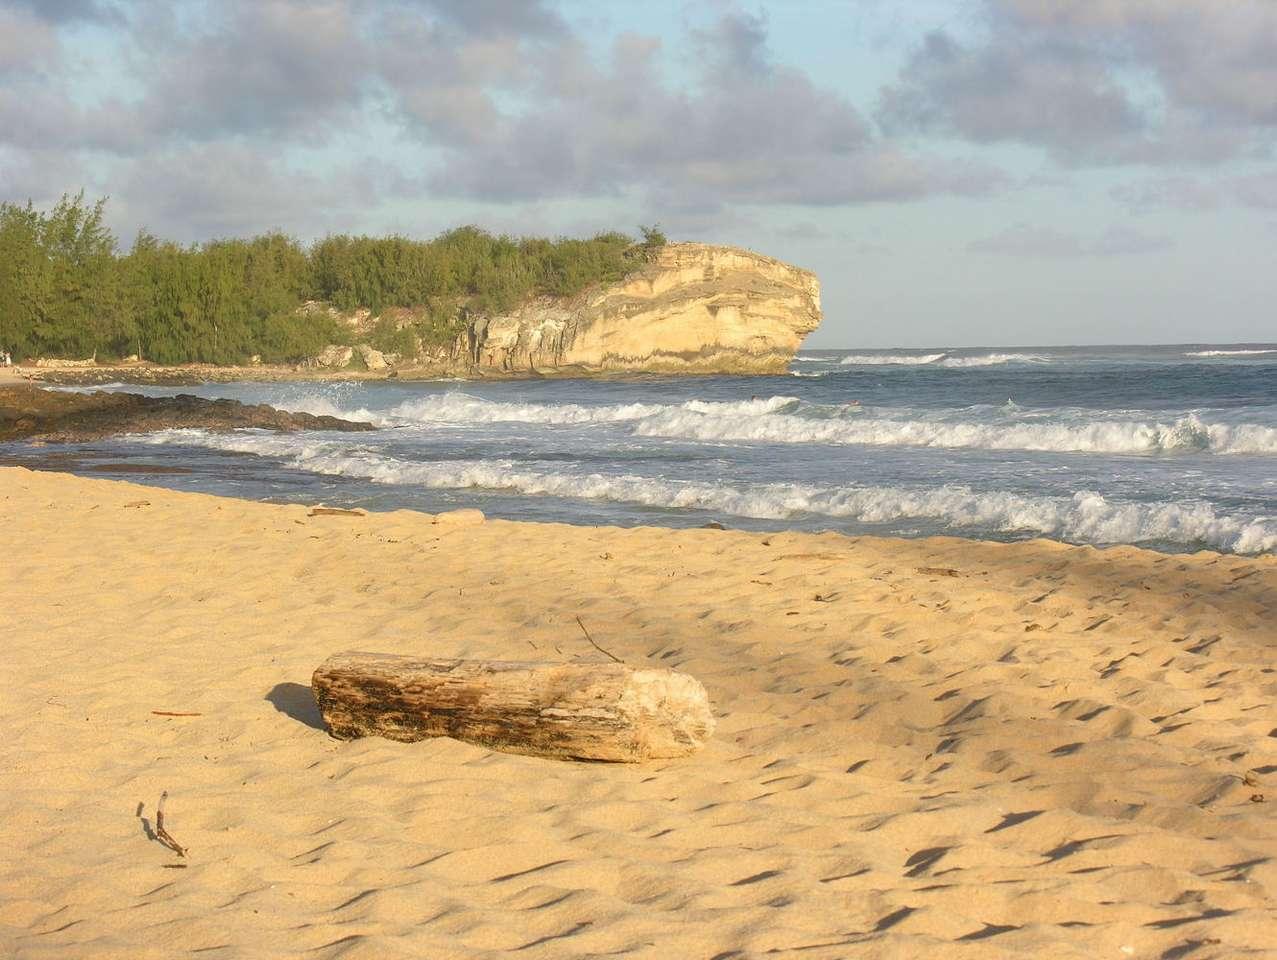 Plaża na Kauai (USA) - Kauai to wsypa wulkaniczna na Oceanie Spokojnym, należąca do Hawajów. Na krajobraz wyspy składają się strome klify, piaszczyste plaże, wysokie góry i głębokie doliny oraz liczne wodospady. N (7×5)